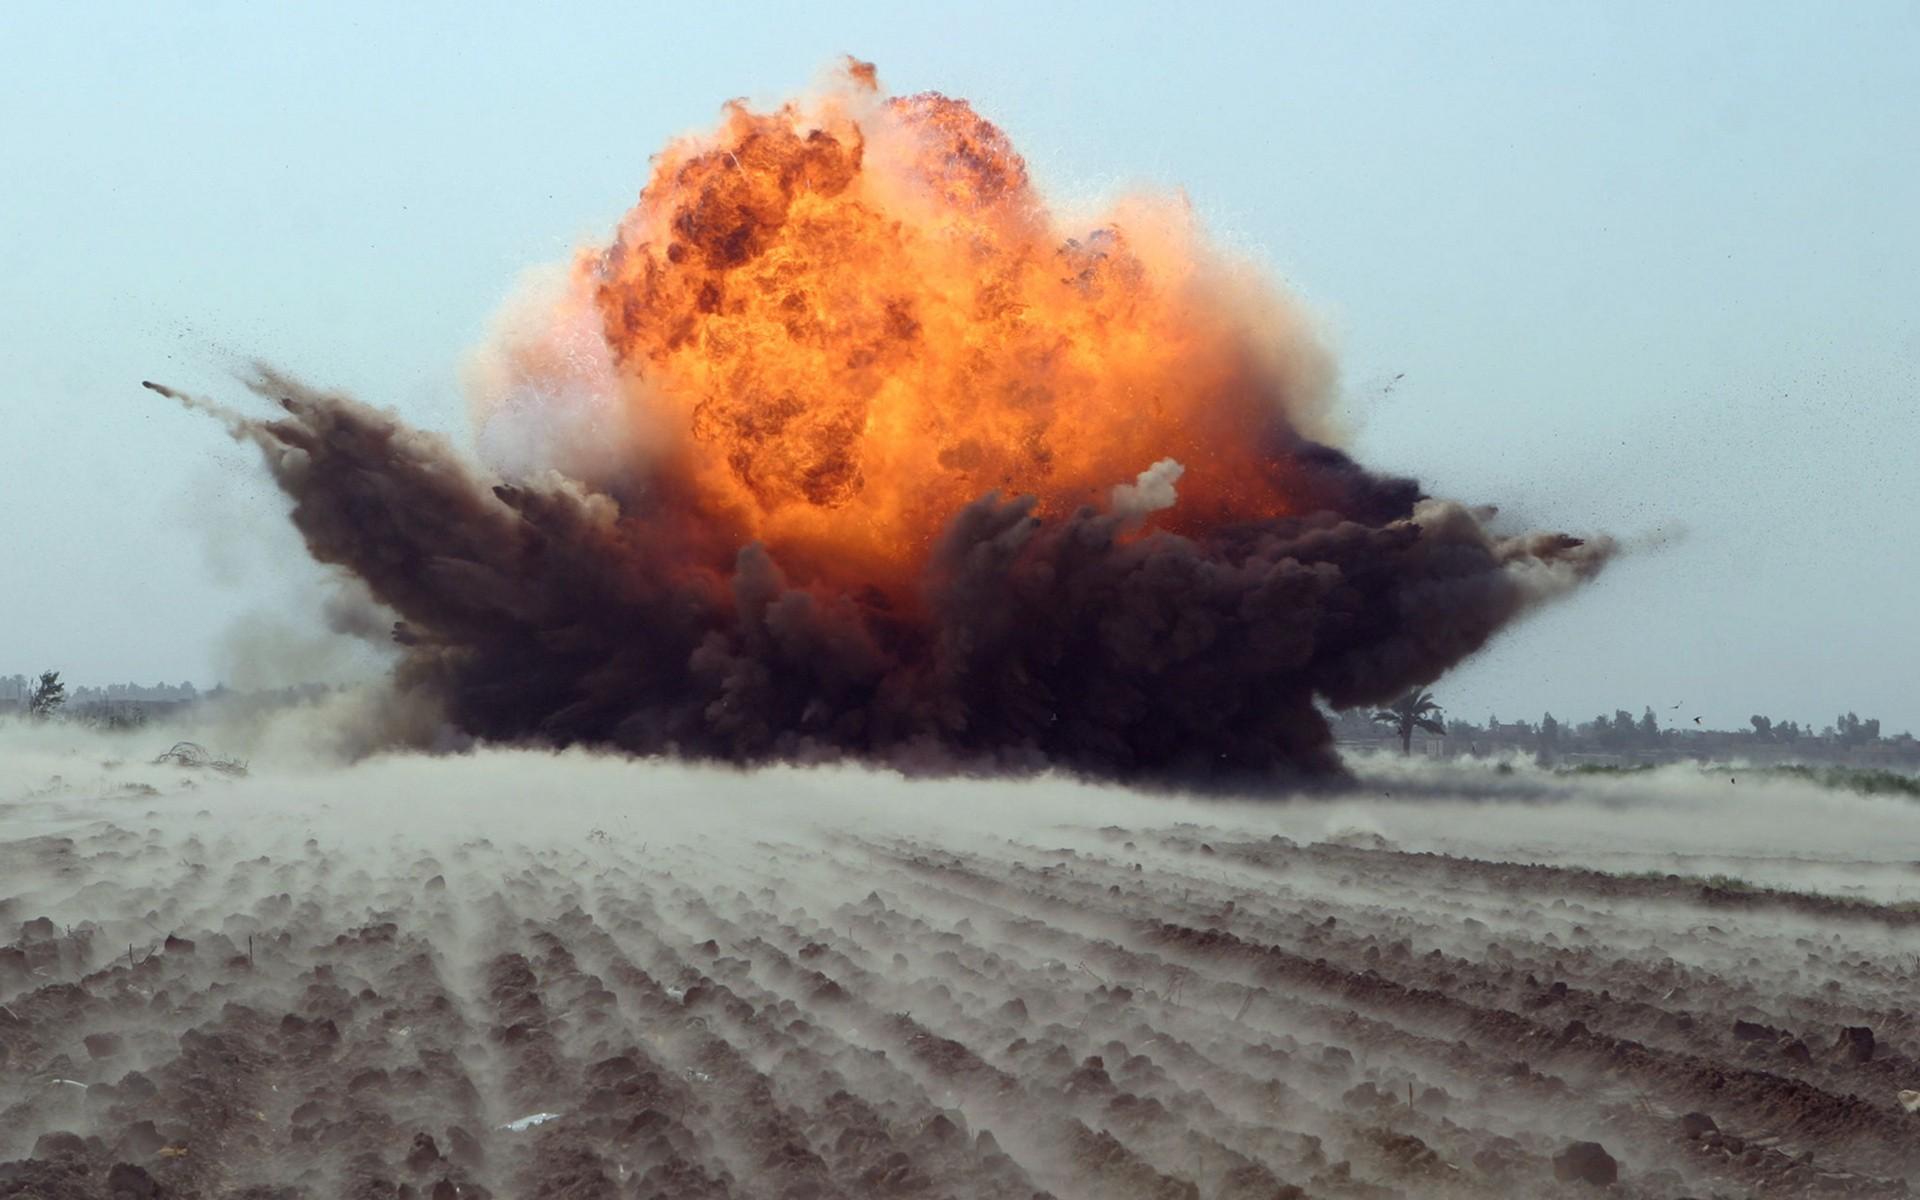 Azerbaycan açıklmasında, 2 bin 300 Ermenistan askeri etkisiz hale getirildi